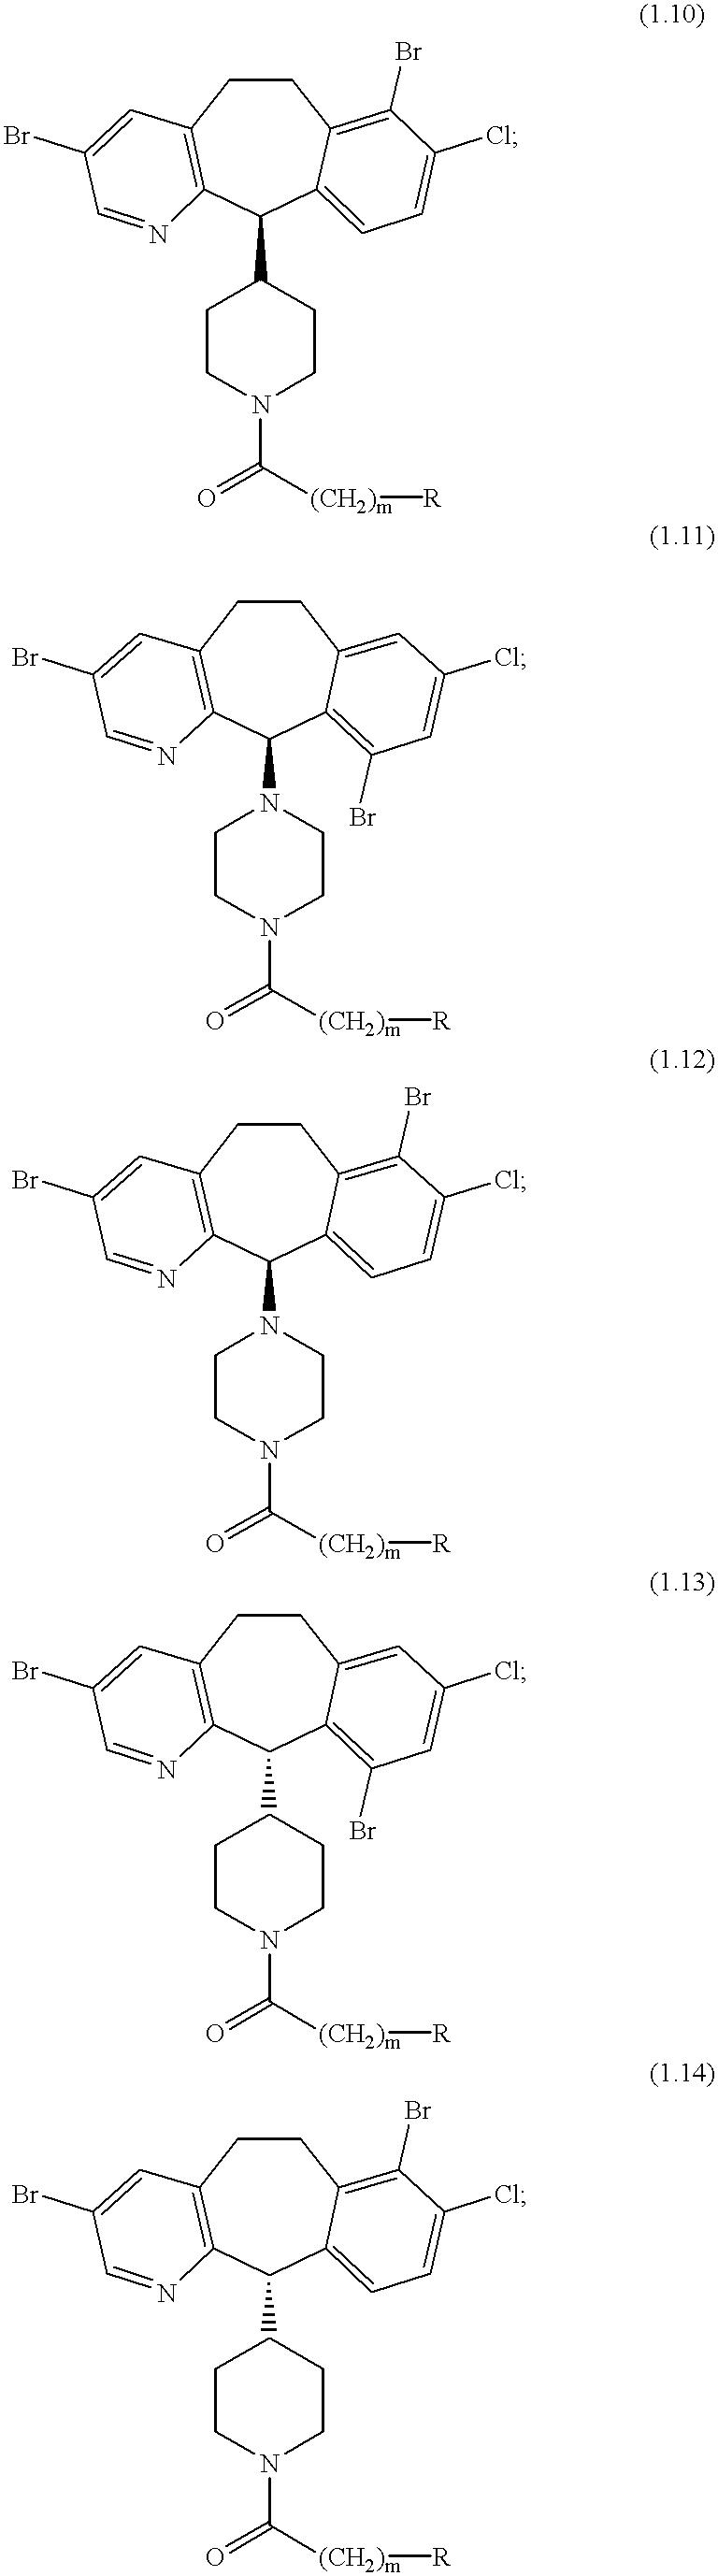 Figure US06211193-20010403-C00010